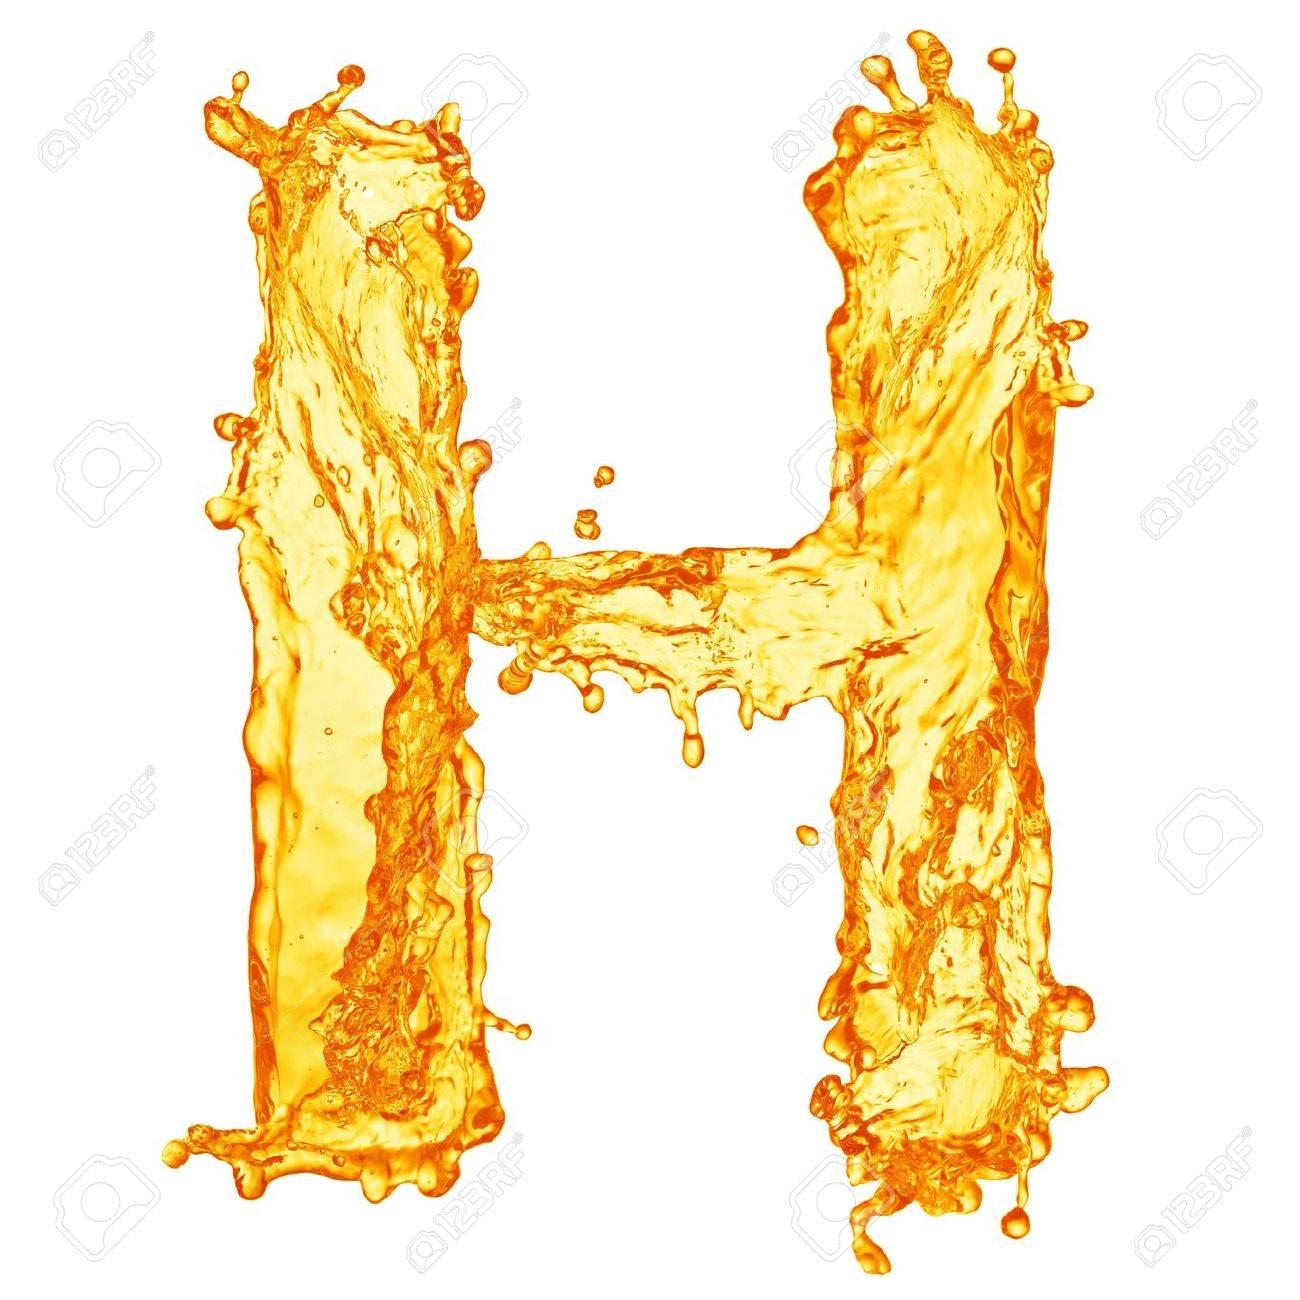 Orange liquid splash alphabet Stock Photo - 13980629